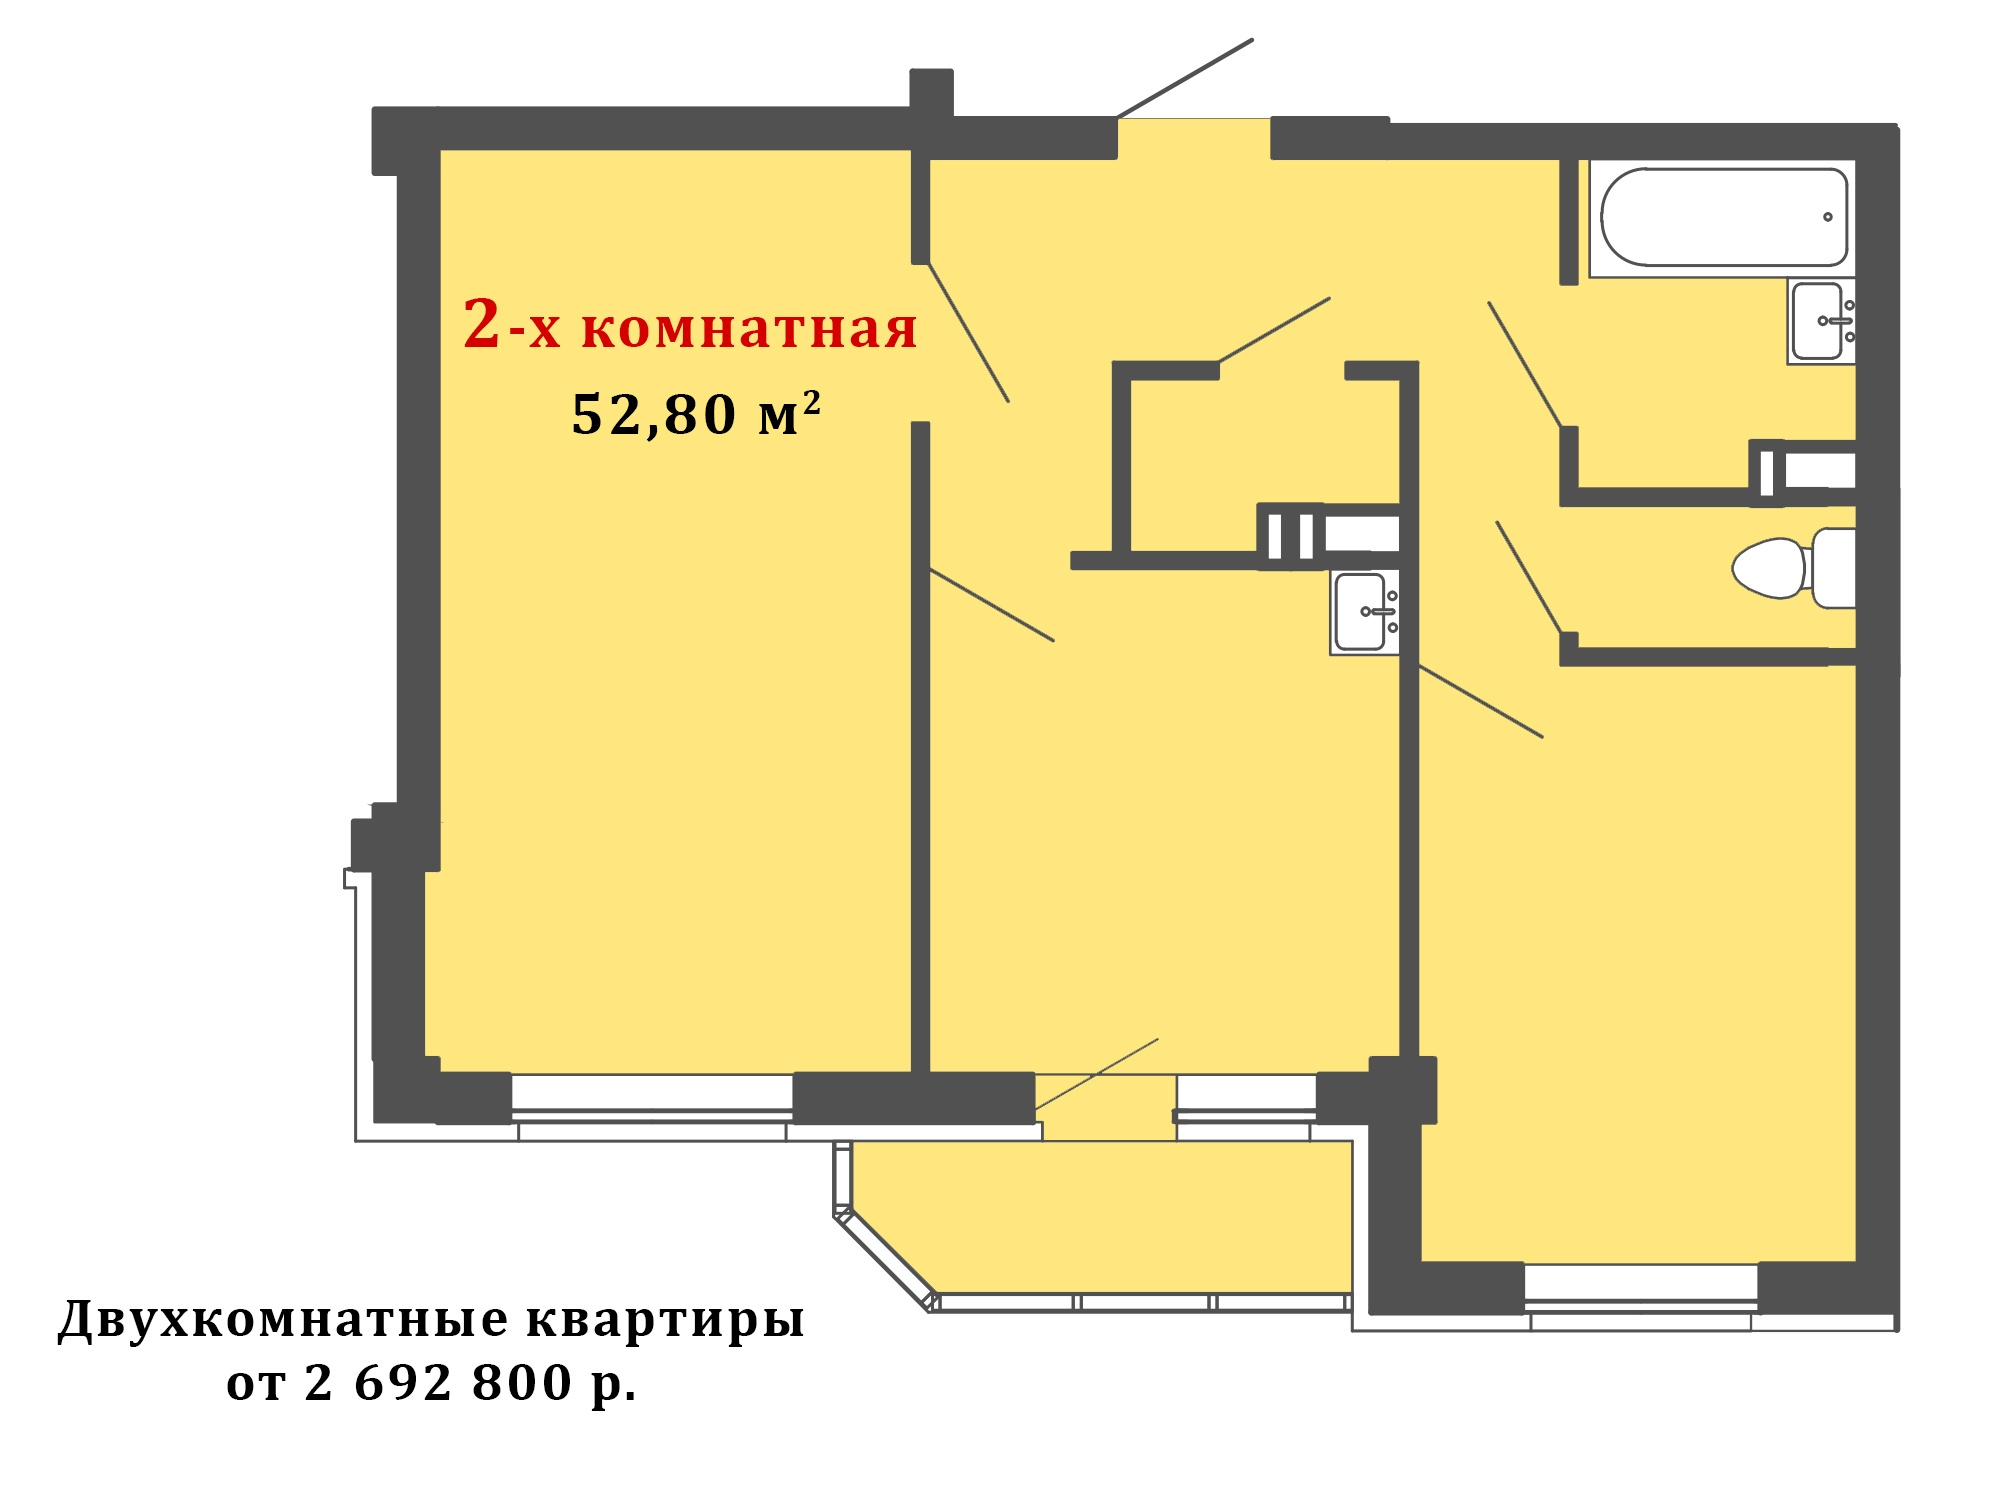 У квартир в «Кольцовском дворике» очень привлекательная цена